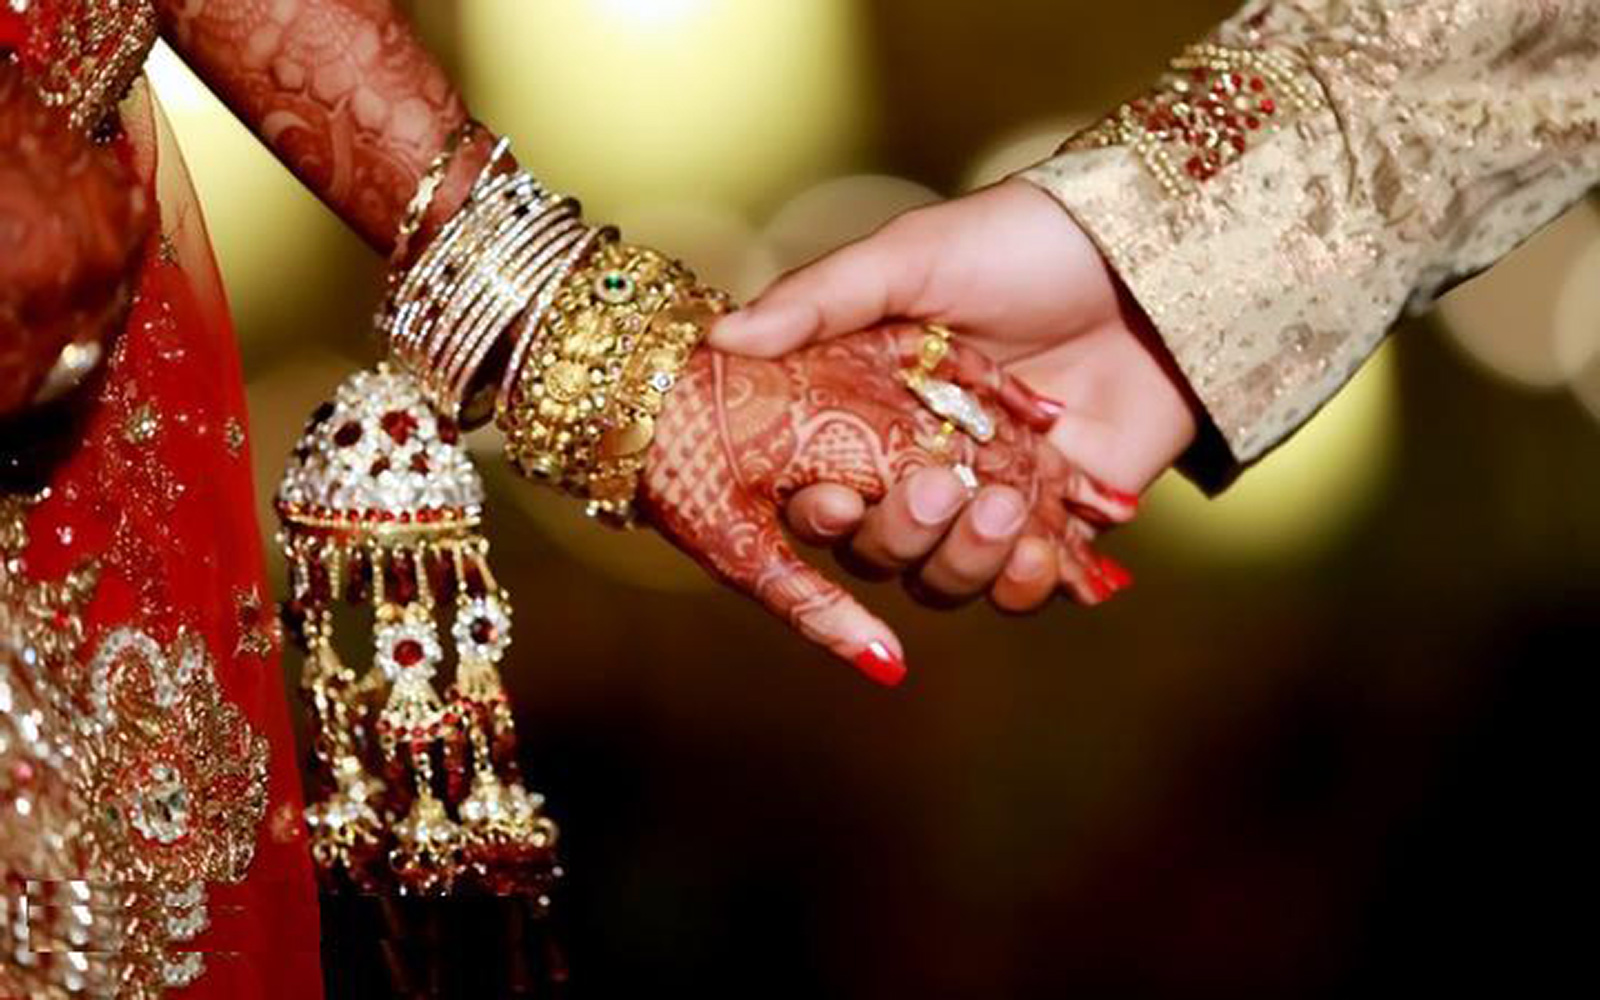 कोणत्या ब्लडग्रुपच्या तरुणीबरोबर करावे लग्न, जीवन सुखी कसे करावे ?